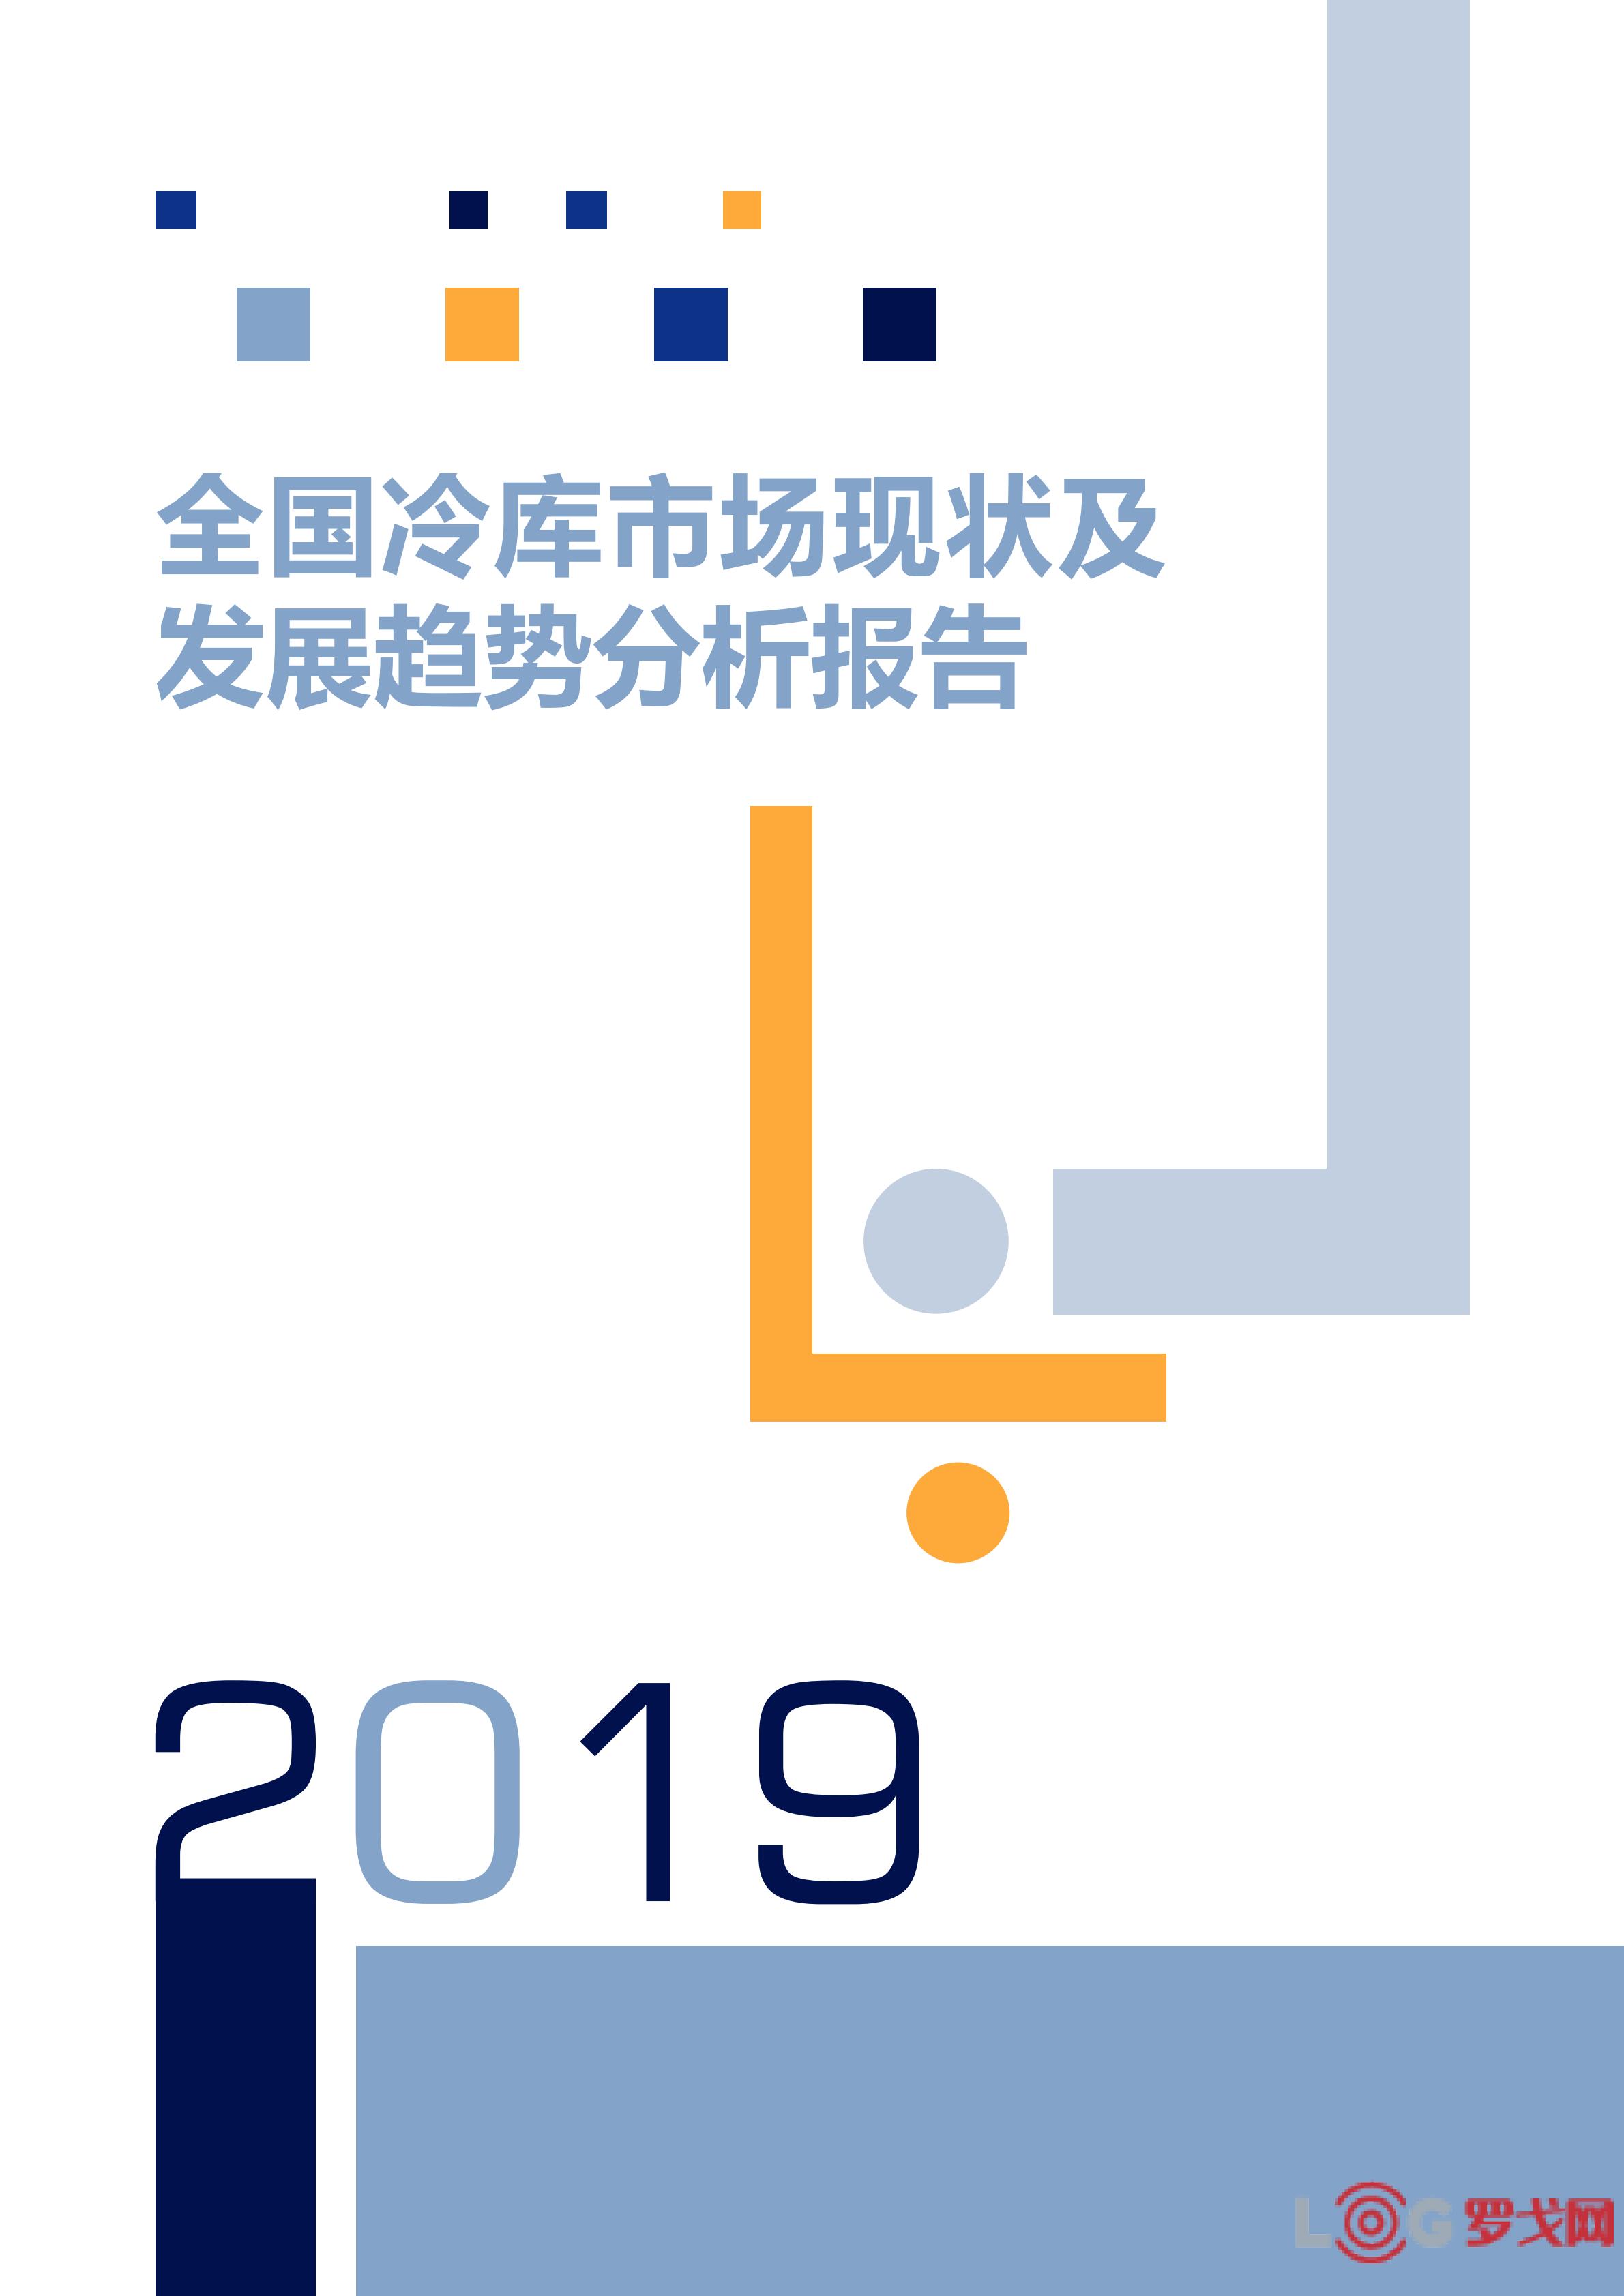 2019全國冷庫市場現狀及發展趨勢分析報告(附下載)